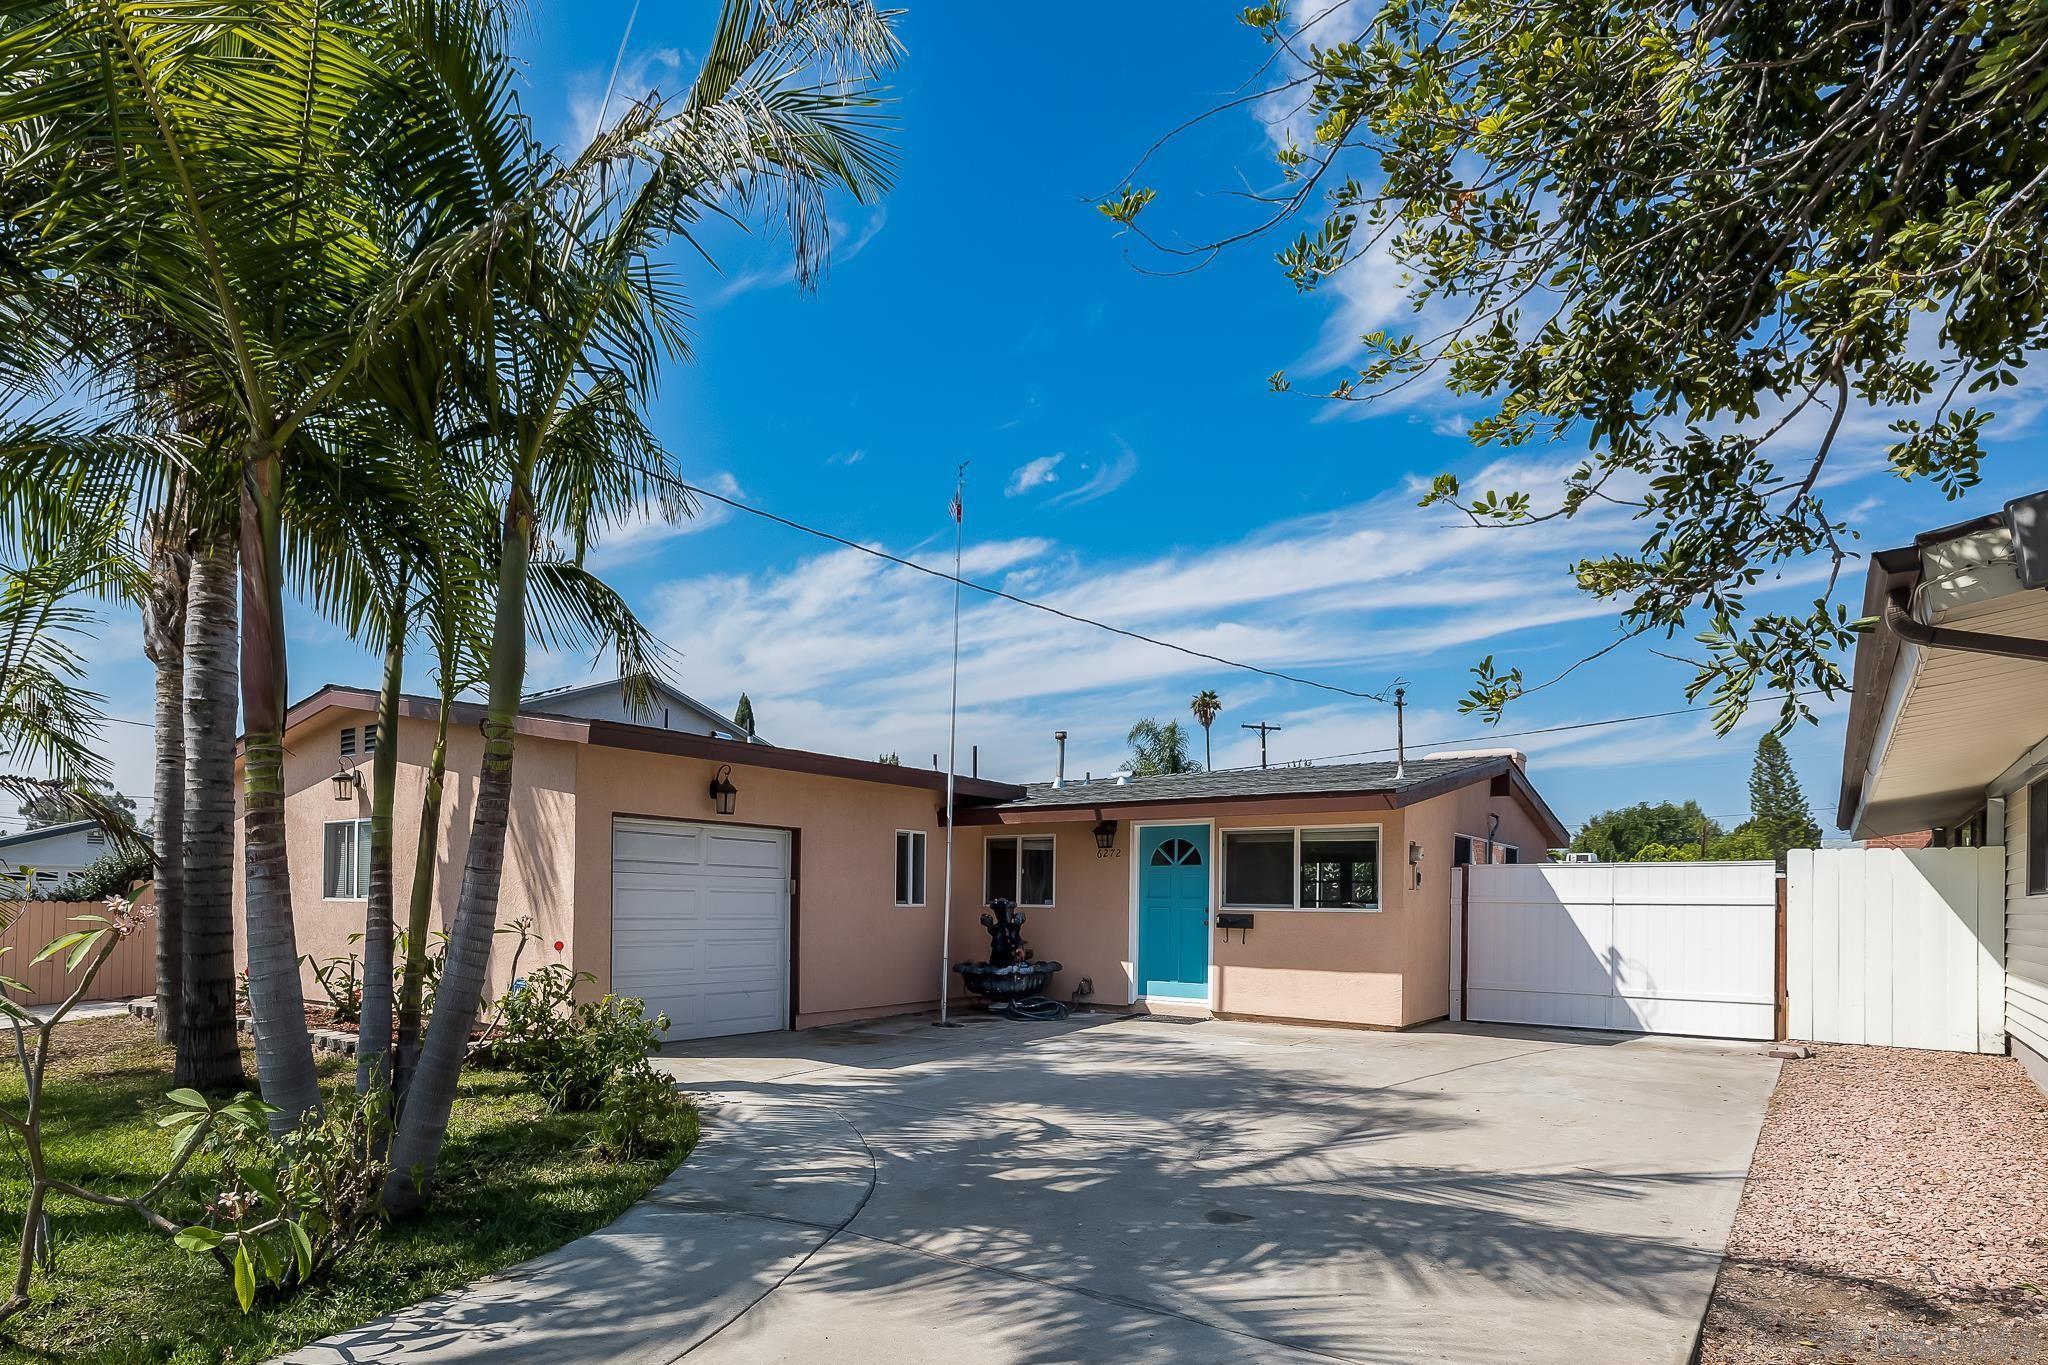 6272 Amber Lake Ave, San Diego, CA 92119